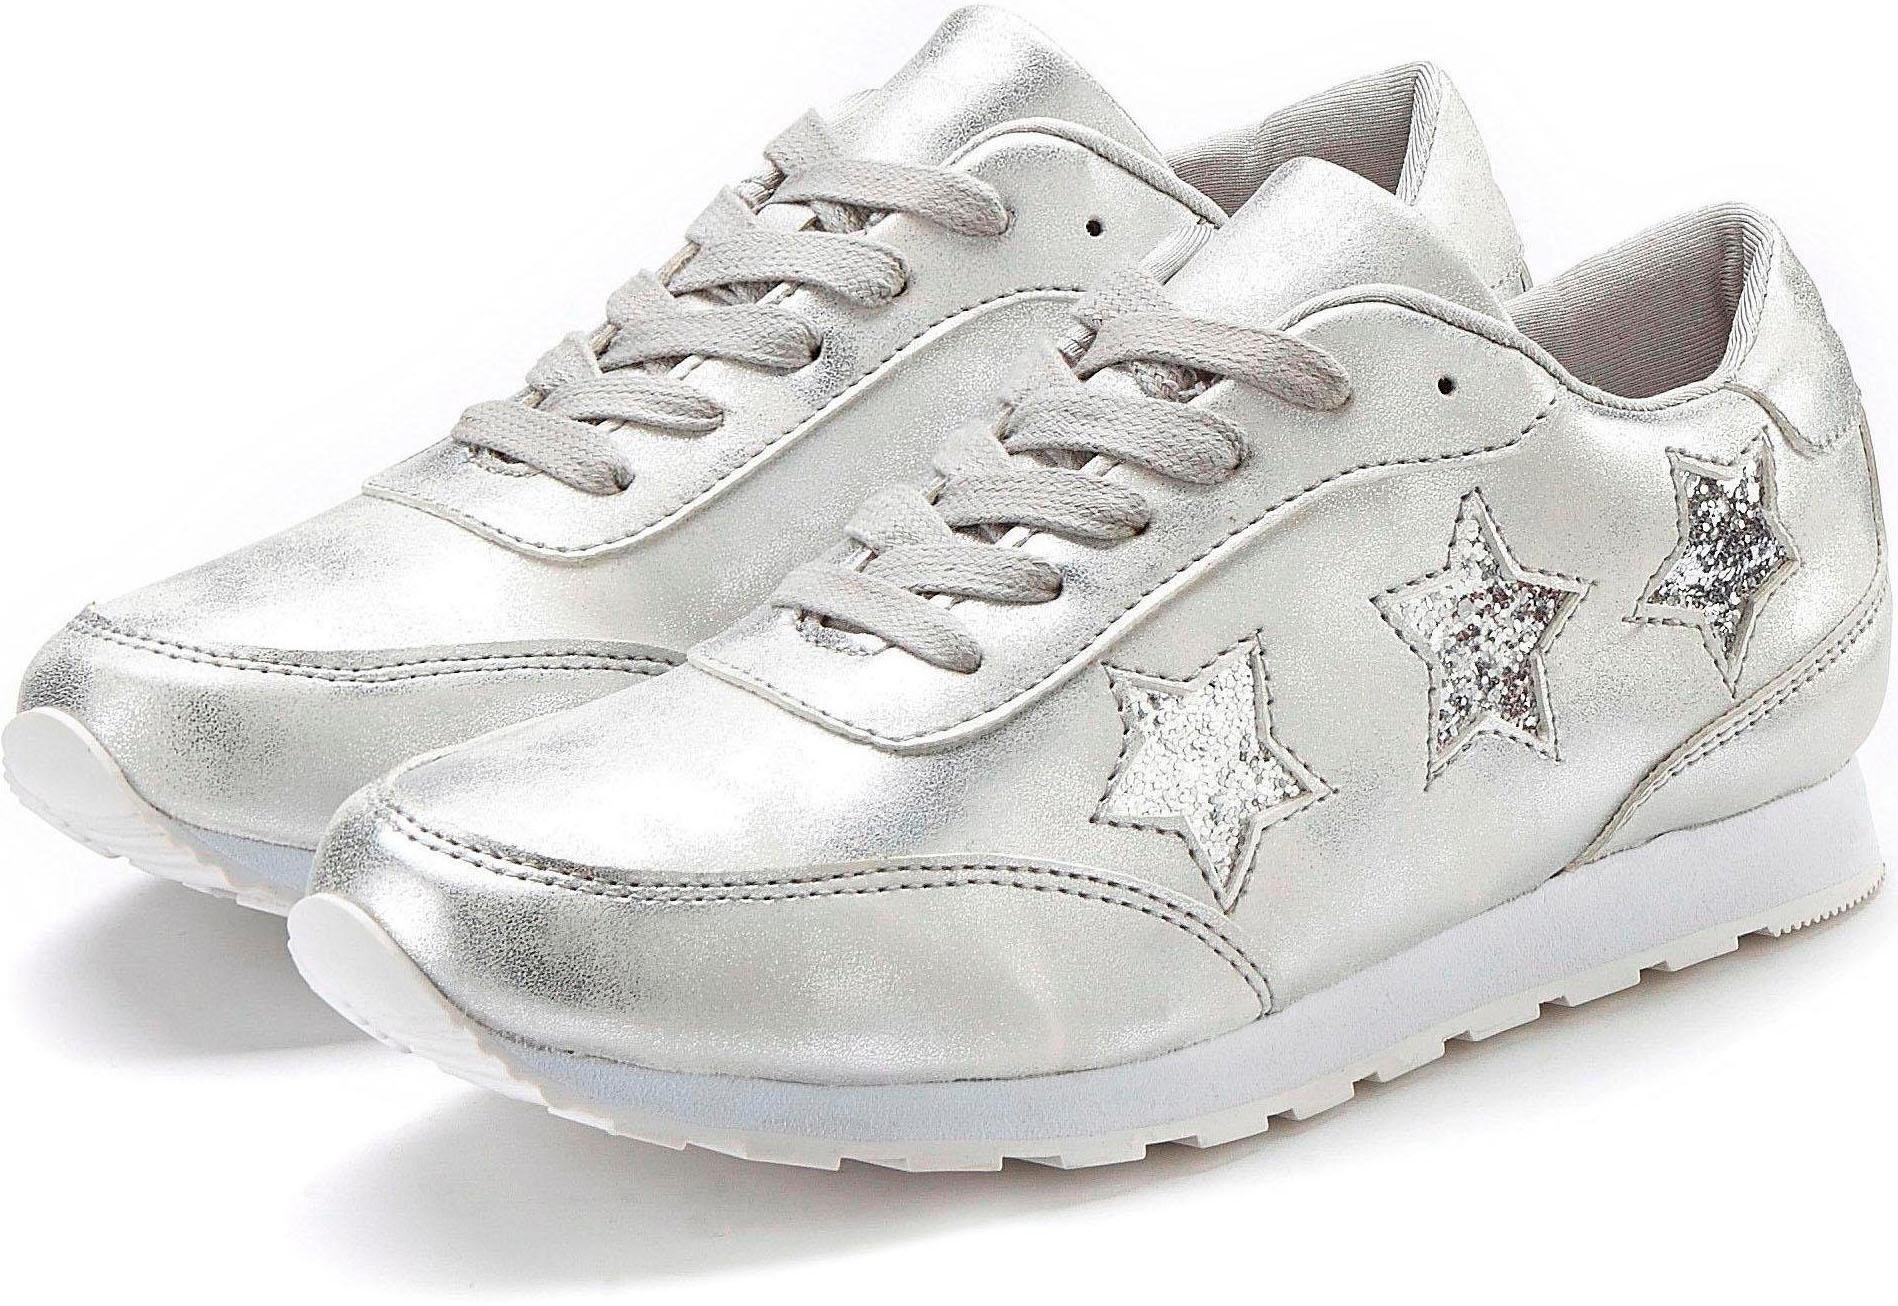 Op zoek naar een LASCANA sneakers? Koop online bij Lascana